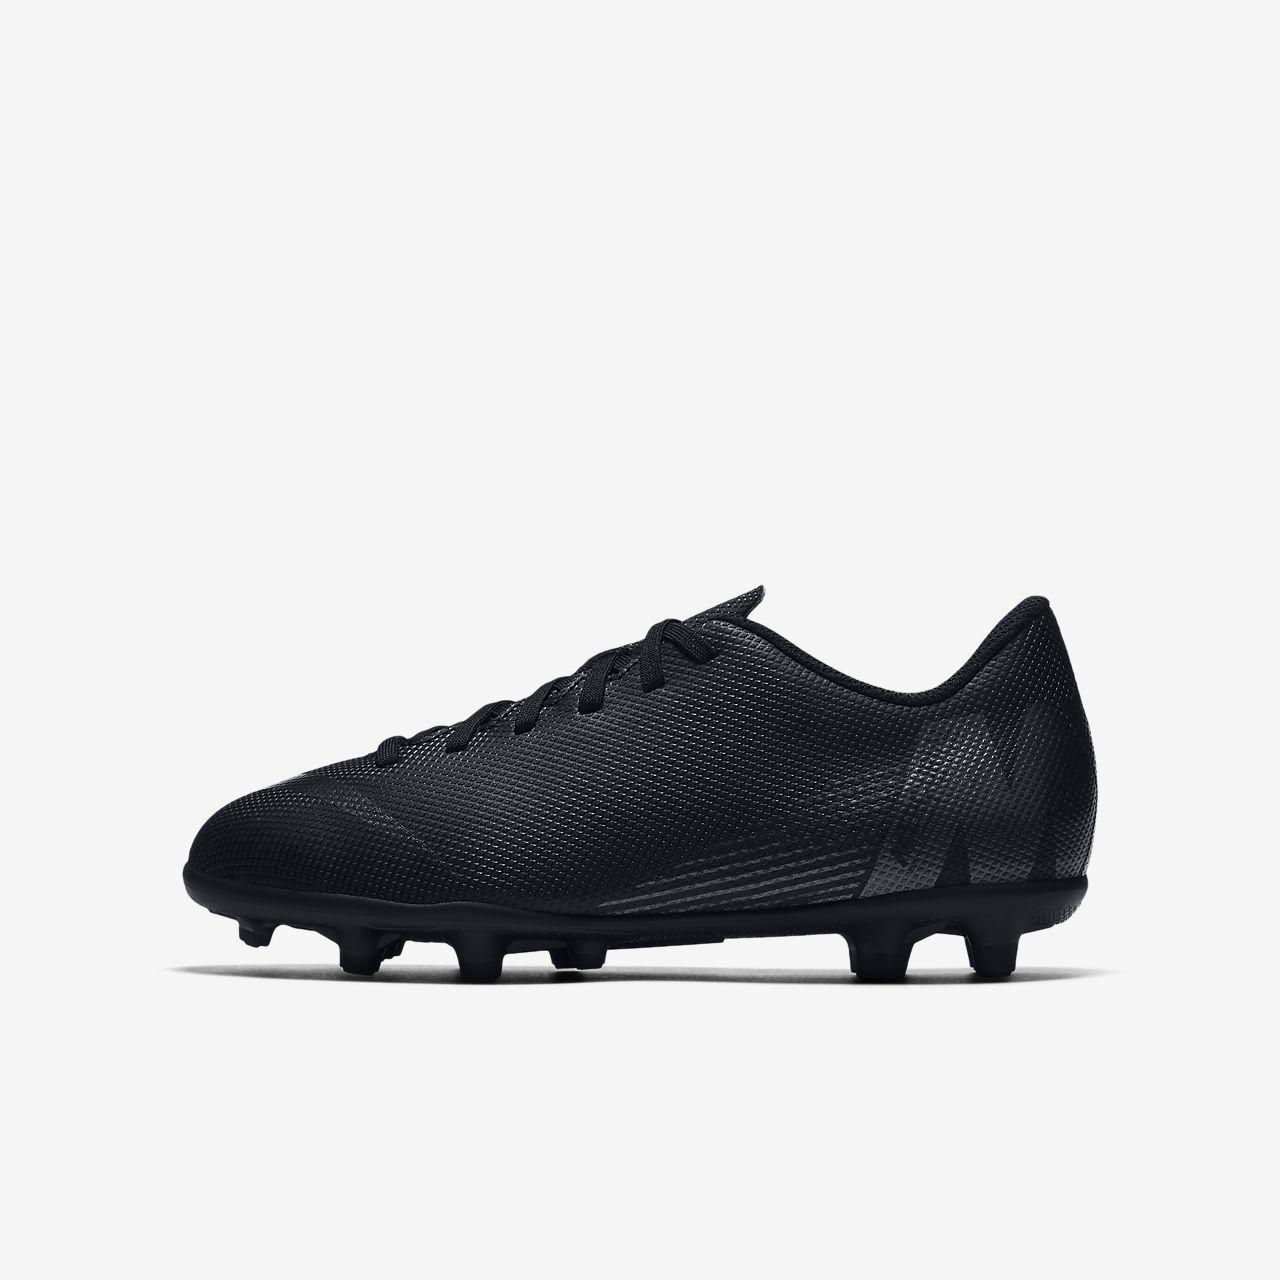 Ποδοσφαιρικό παπούτσι για διαφορετικές επιφάνειες Nike Jr. Vapor 12 Club MG για μεγάλα παιδιά